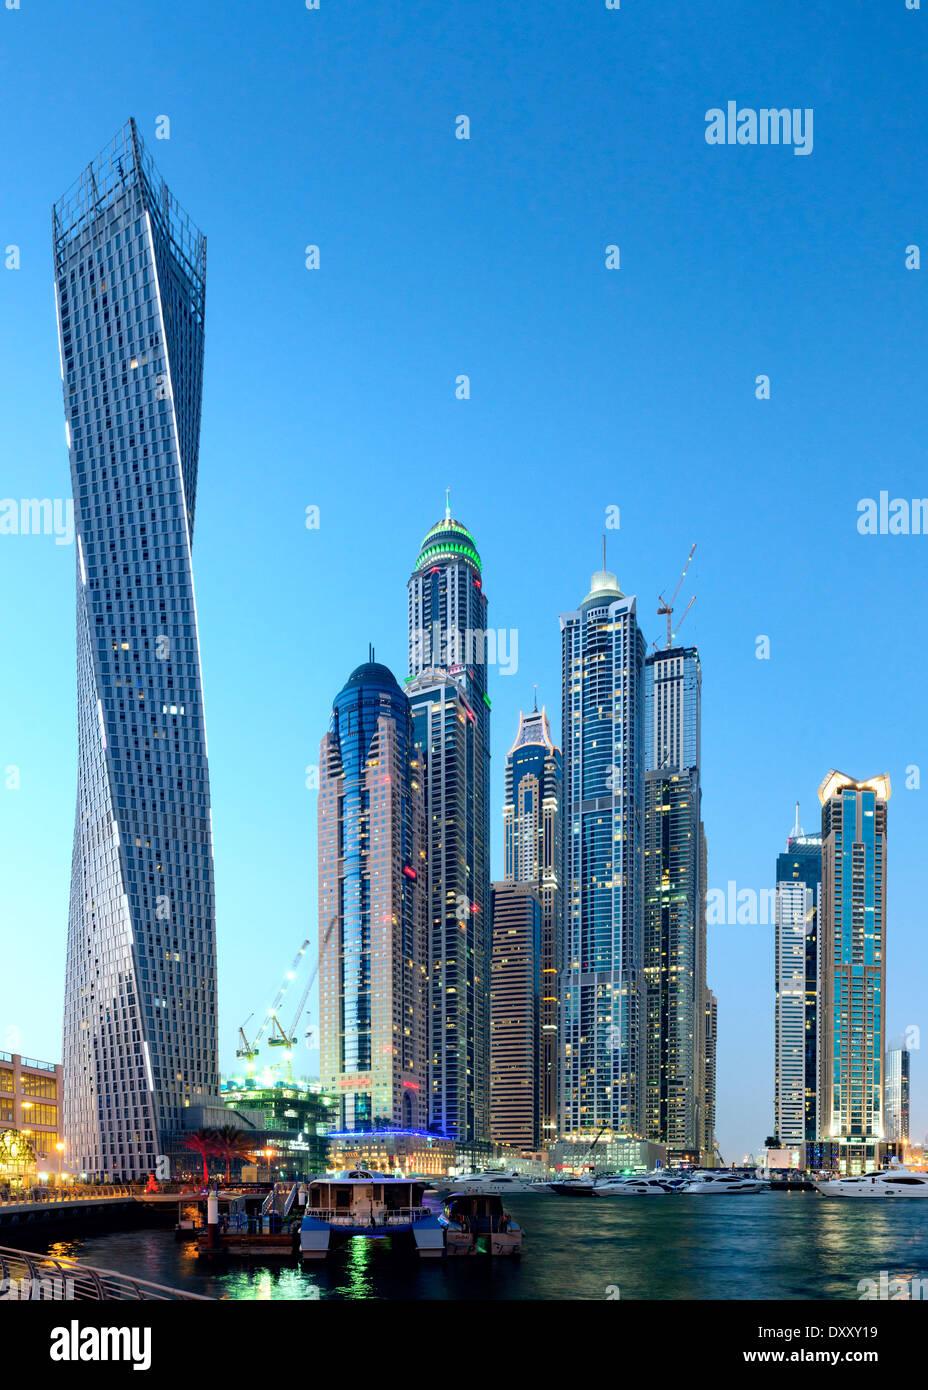 Twilight-Skyline-Blick auf moderne Wolkenkratzer im MArina District in Dubai Vereinigte Arabische Emirate Stockbild